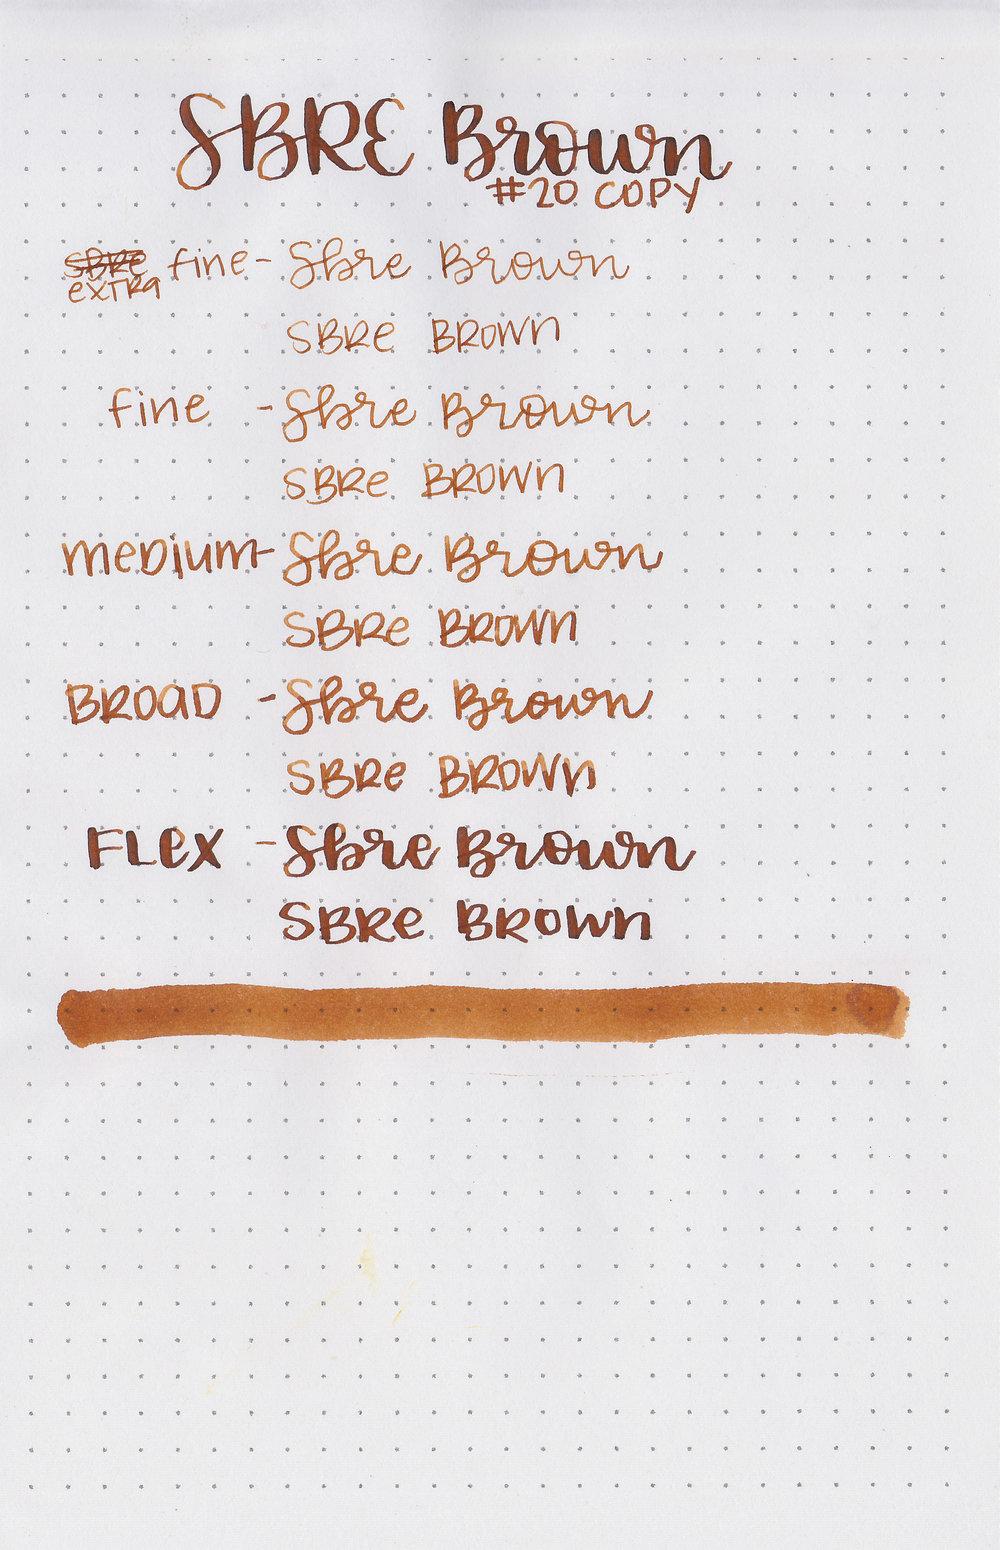 sbre-brown-10.jpg